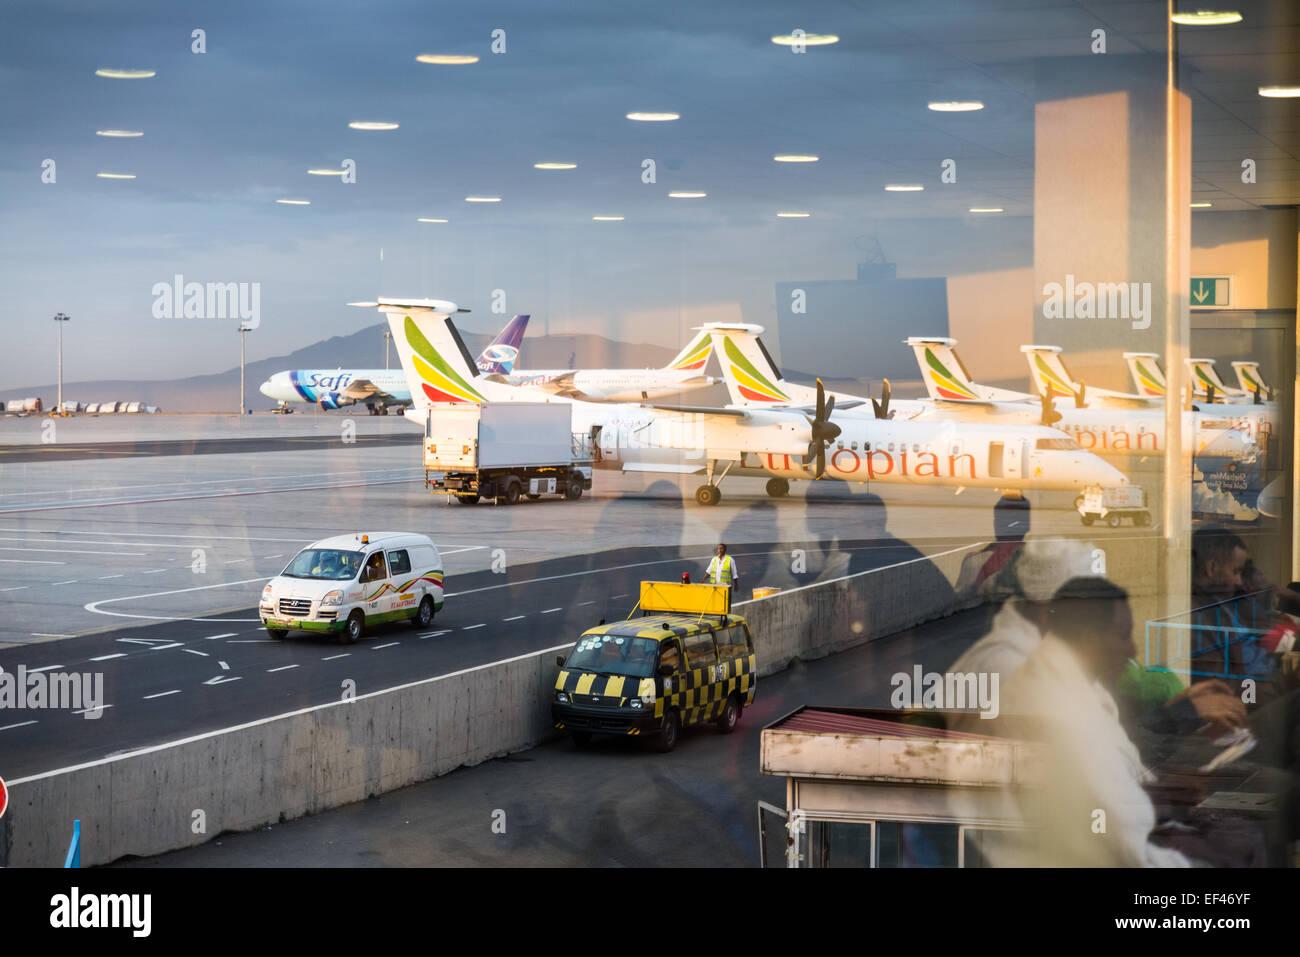 Aeroporto Etiopia : Passengers waiting at addis ababa bole international